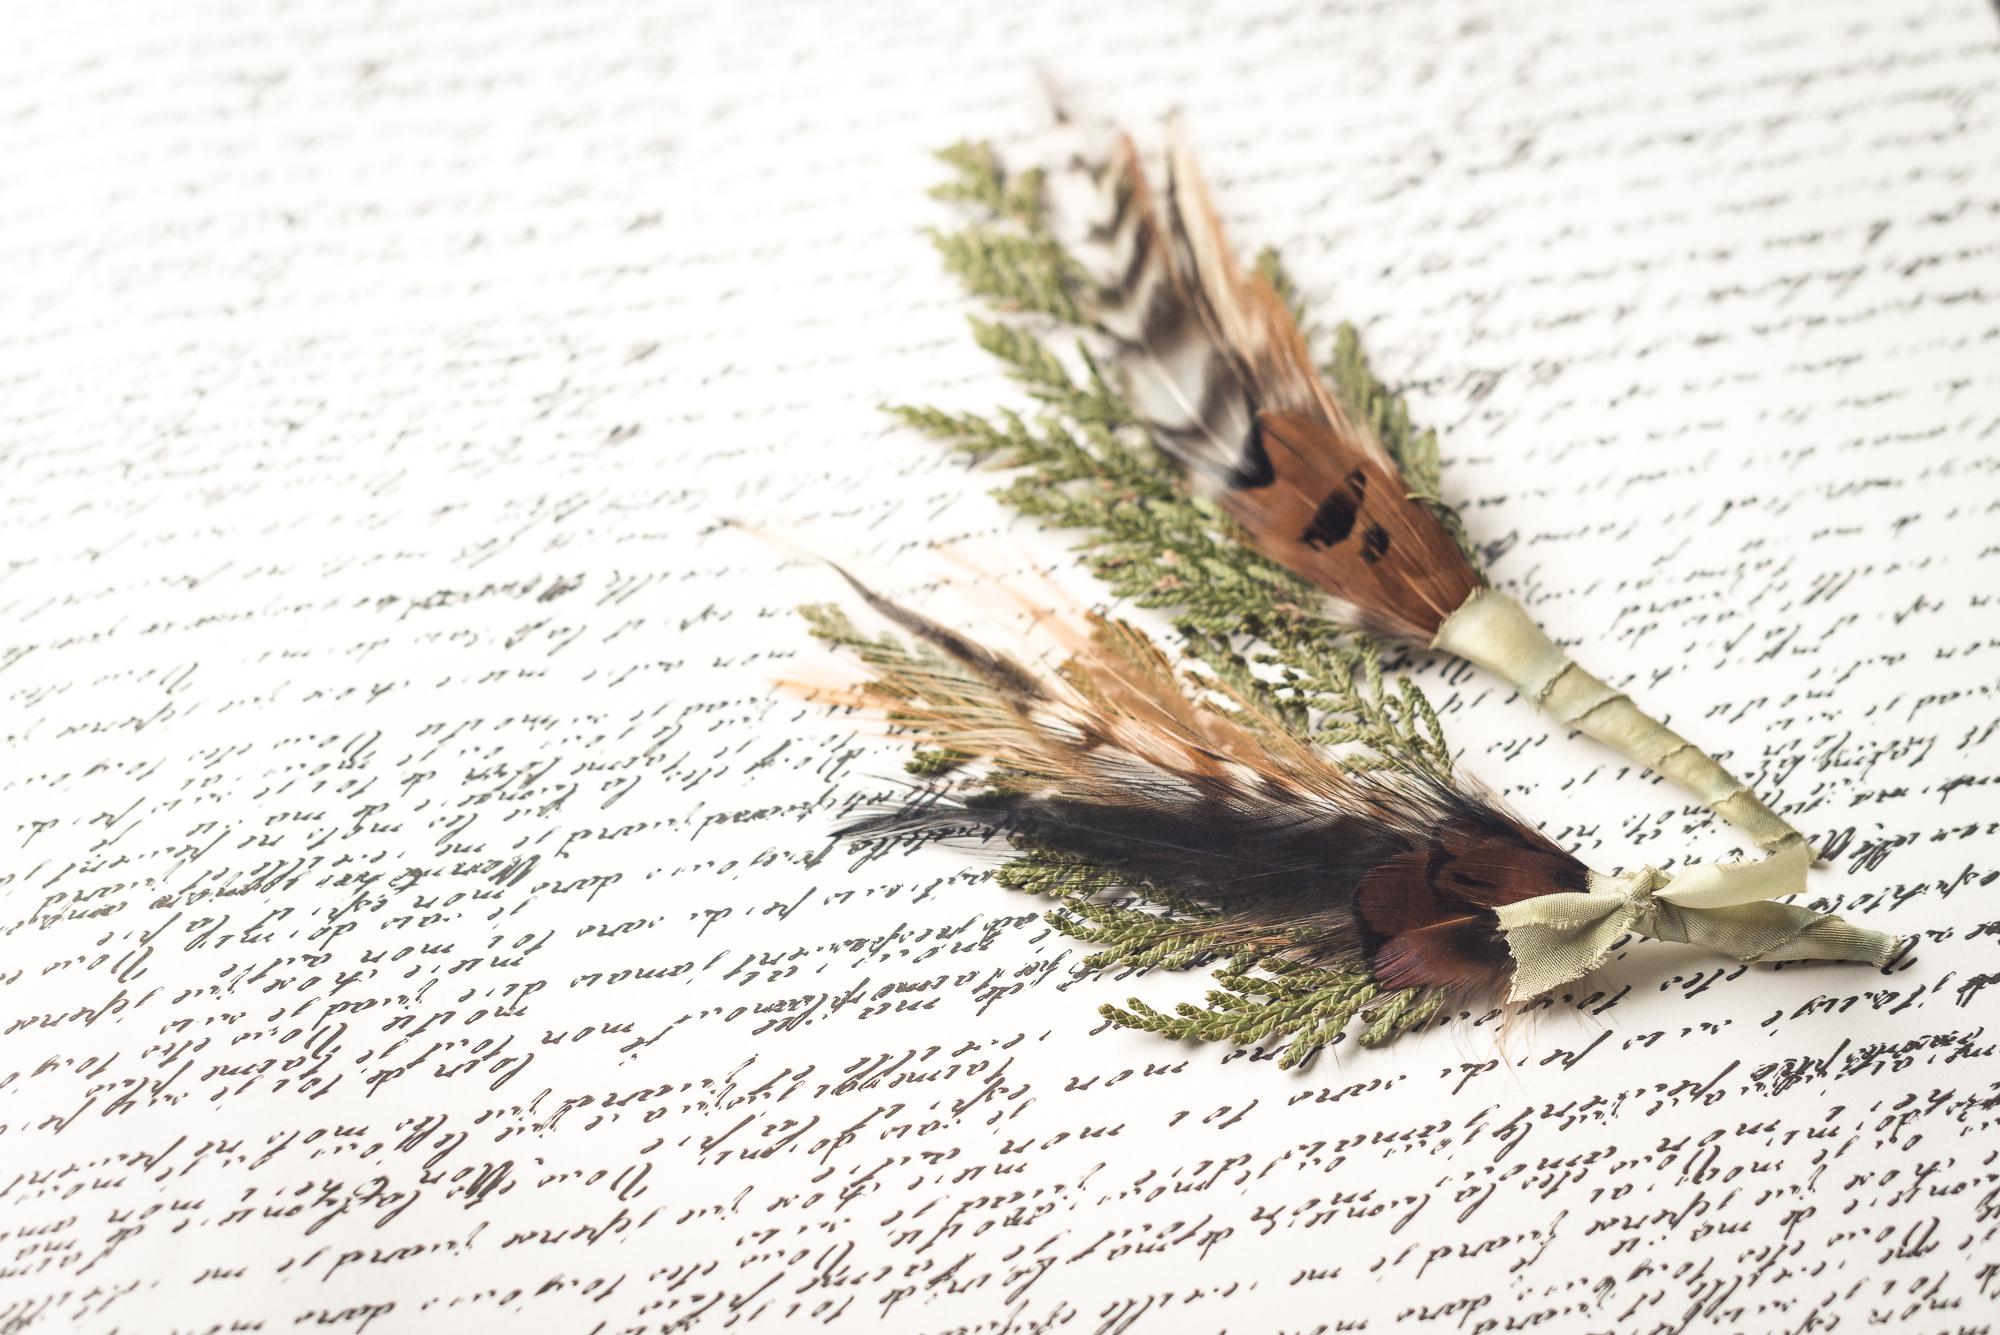 2cedarsphoto-feather-boutonnniere-tutorial-detail.jpg